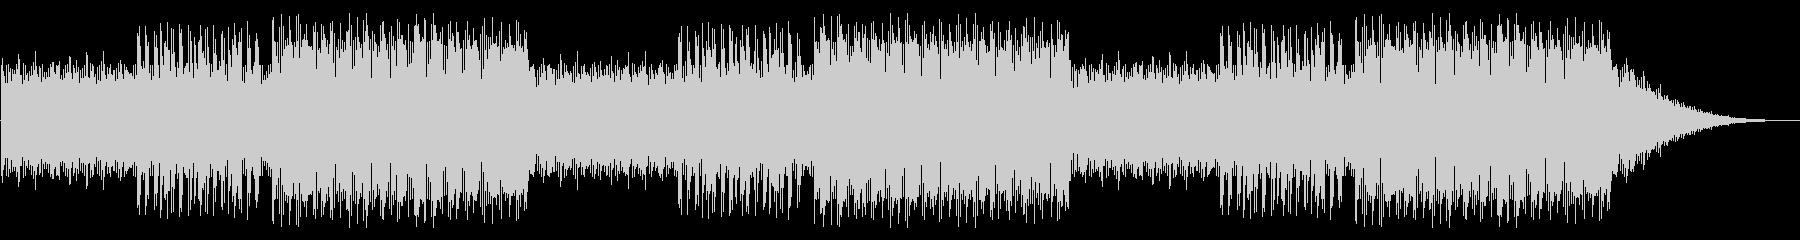 GB風アクションゲームのタイトル曲の未再生の波形